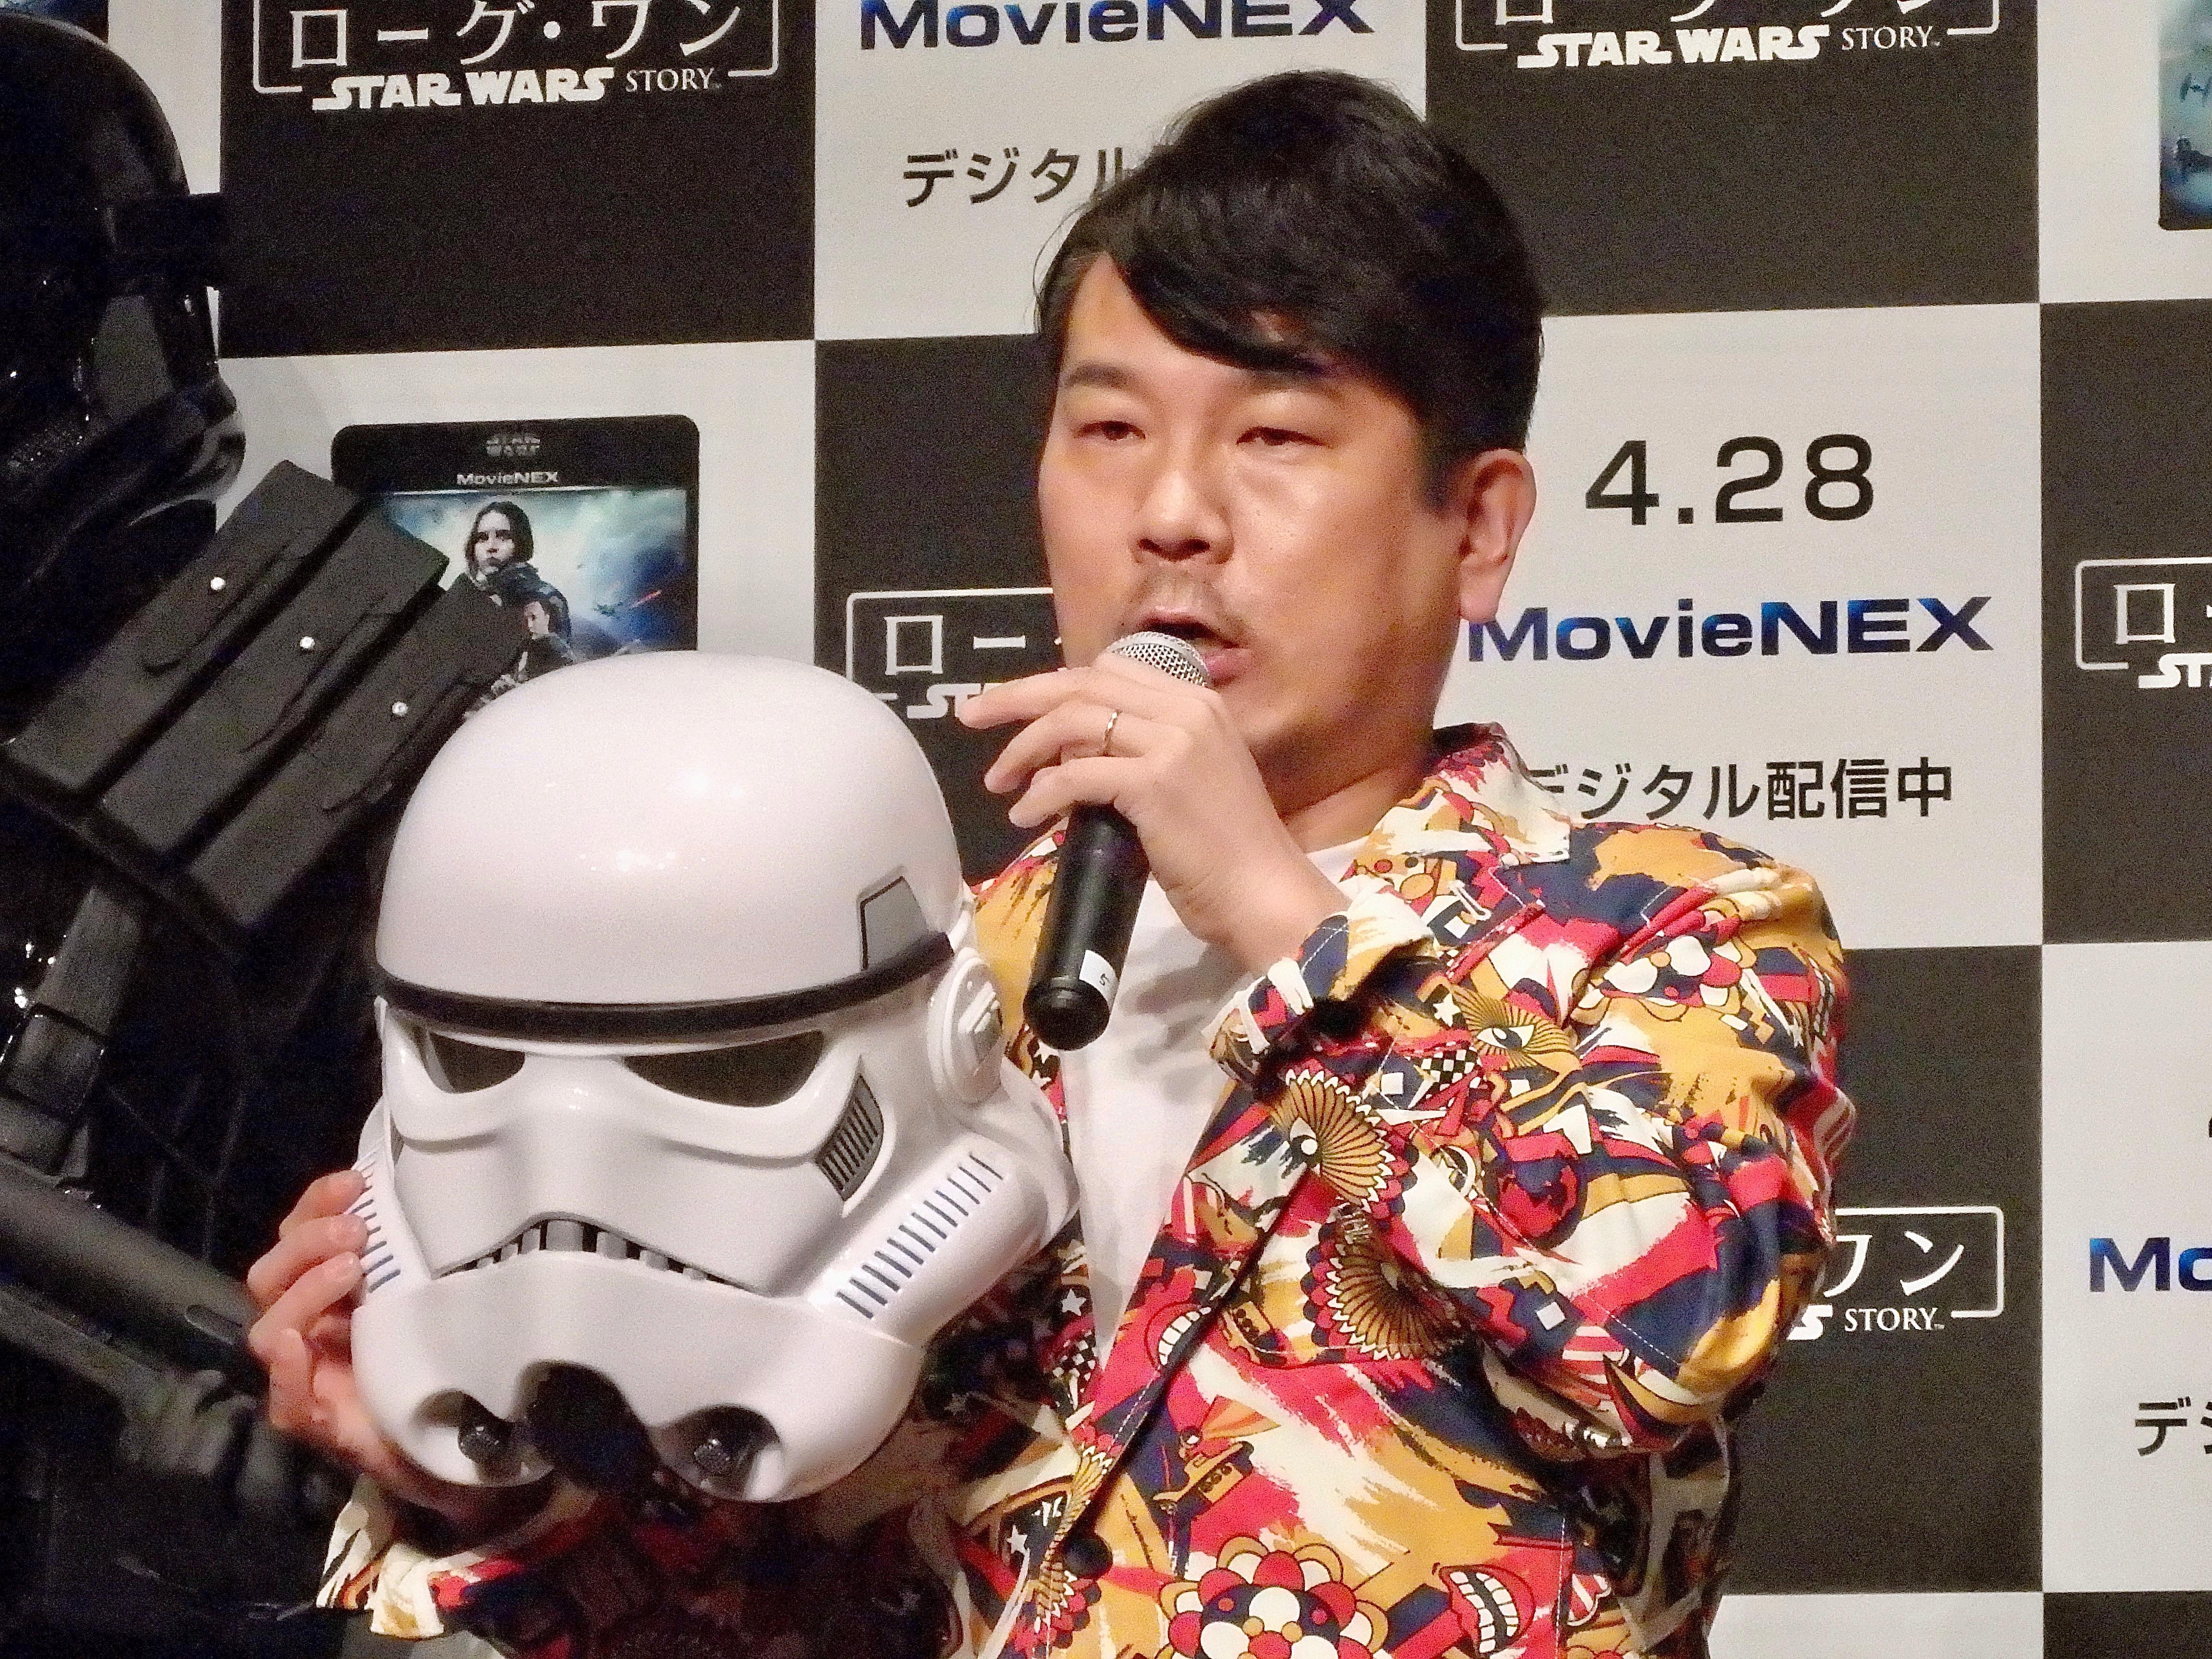 http://news.yoshimoto.co.jp/20170427235714-03eade7d9434425d4a868e189b133566af371171.jpg